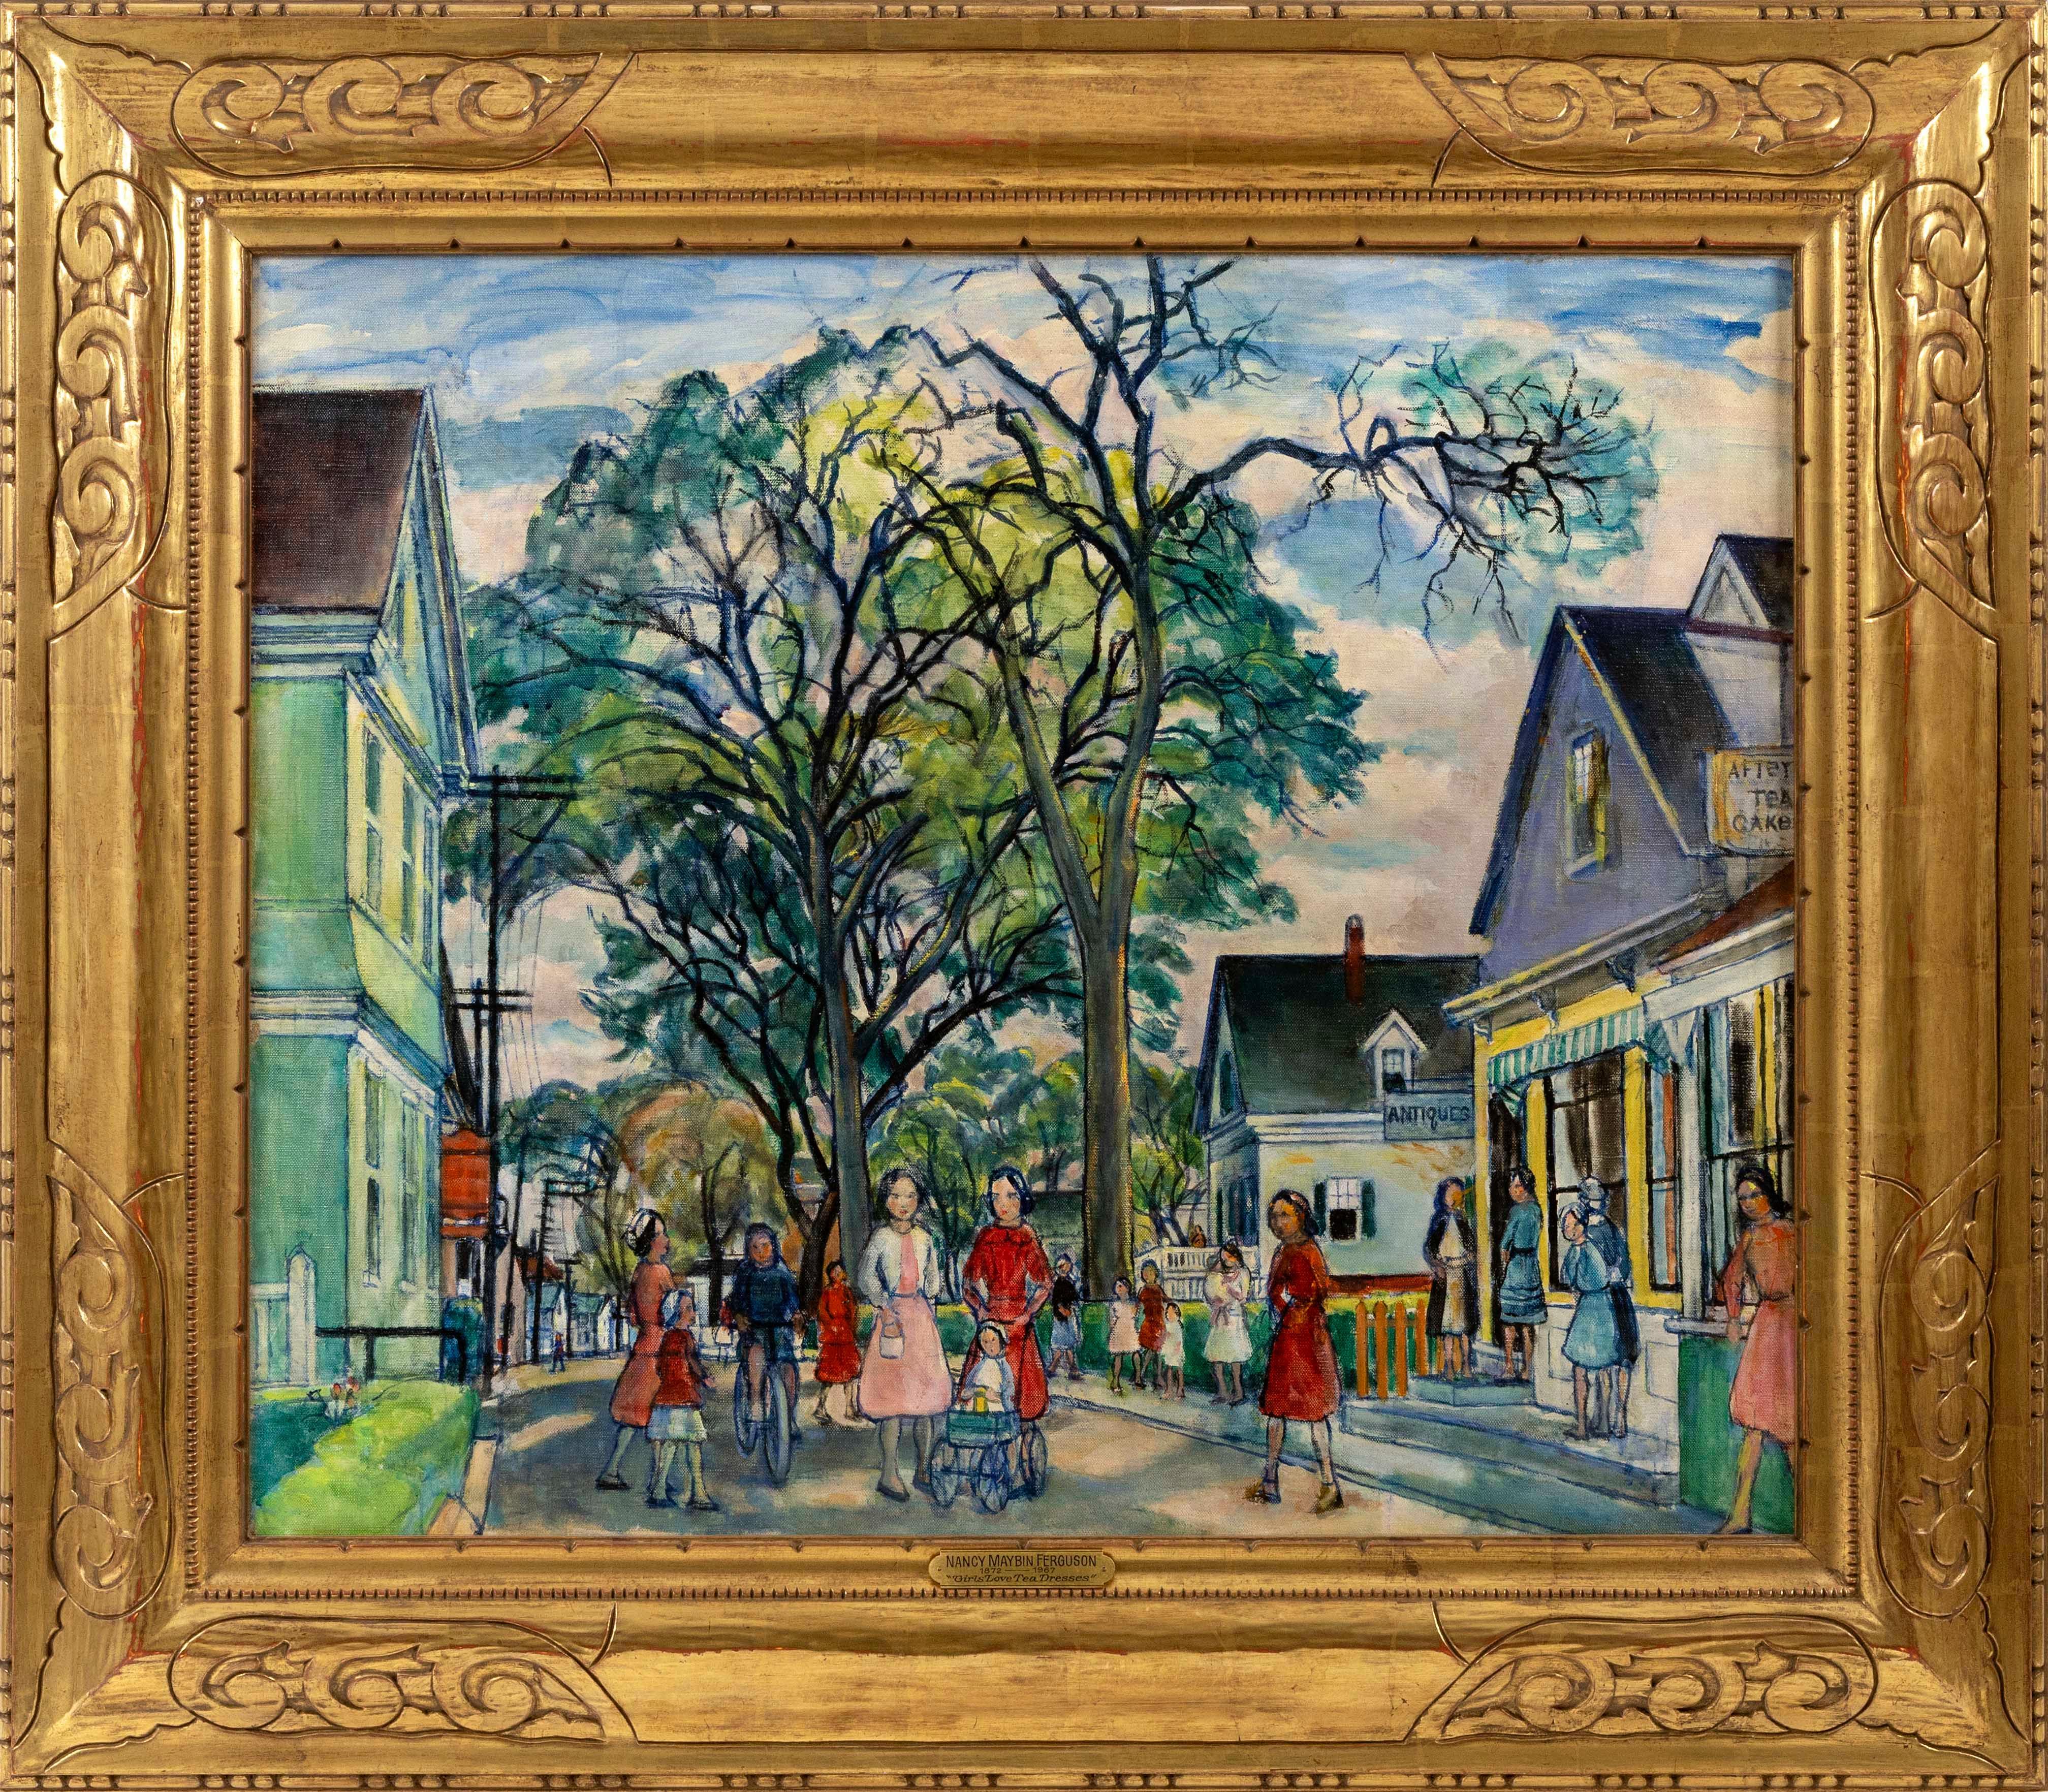 """NANCY MAYBIN FERGUSON (Pennsylvania/Massachusetts, 1872-1967), """"Girls Love Tea Dresses""""., Oil on canvas, 25"""" x 30"""". Framed 34.5"""" x 39.5""""."""